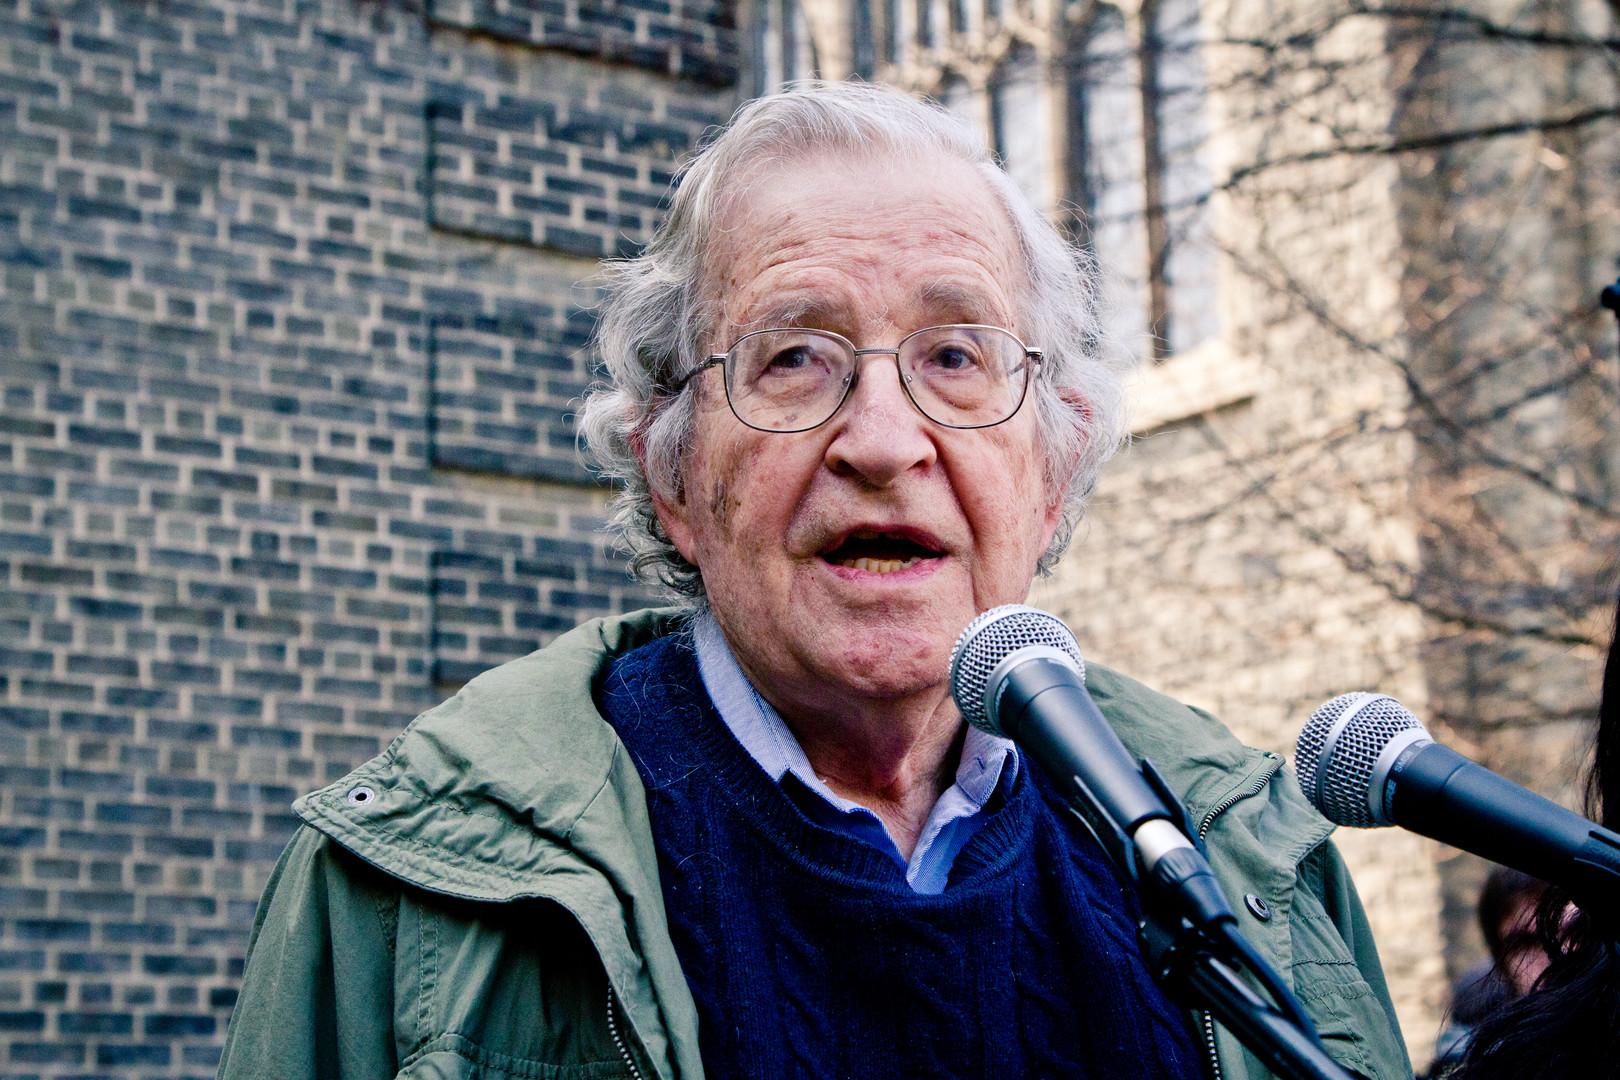 Le célèbre linguiste et observateur de la vie politique, Noam Chomsky, n'est pas tendre avec Clinton